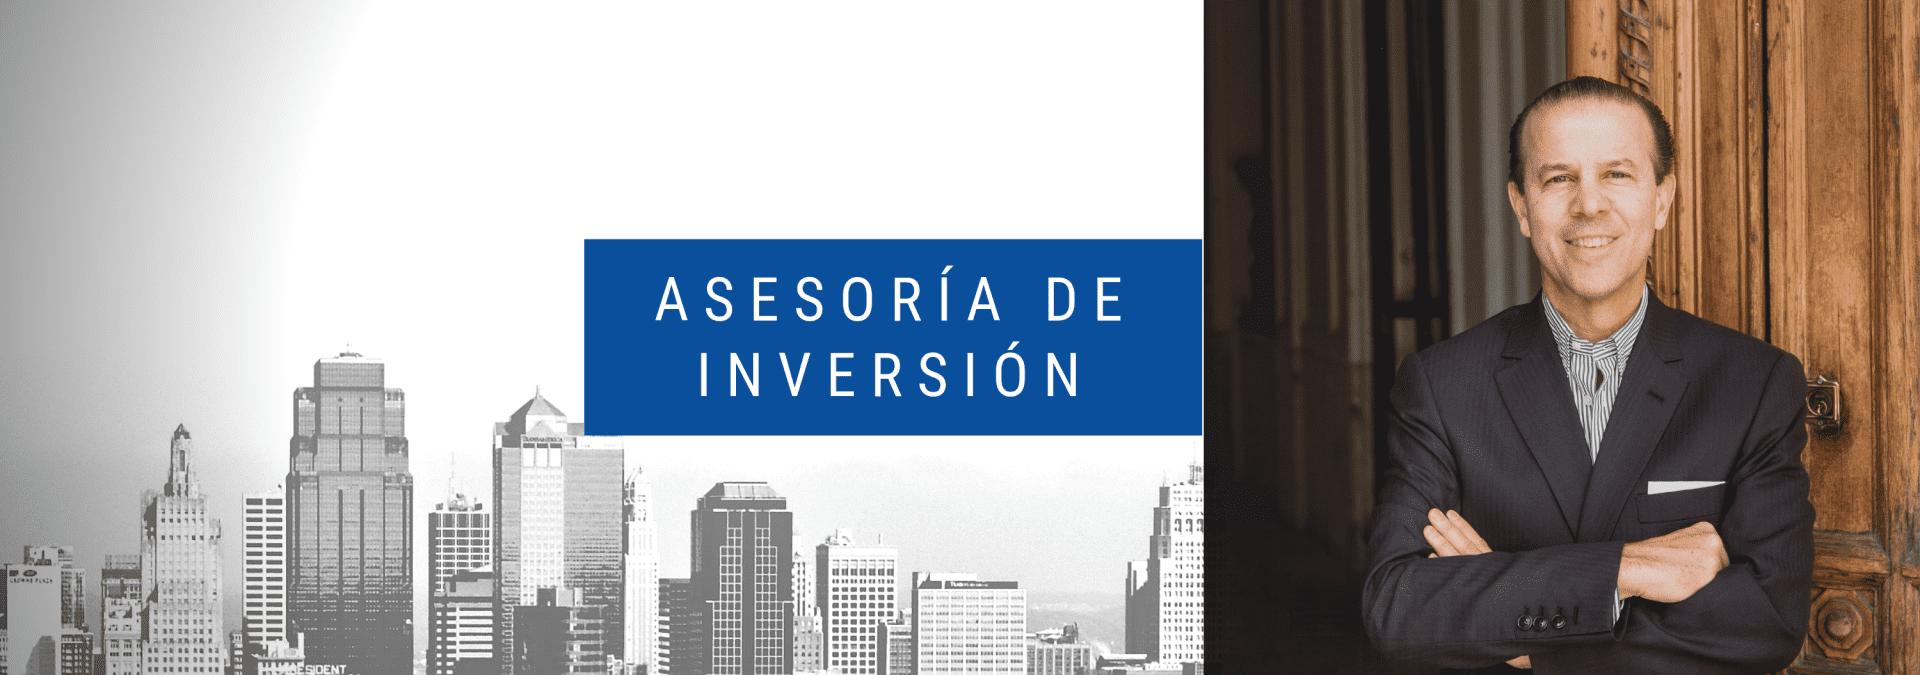 Mariano Aveledo Banner Principal Asesoría e inversión V4